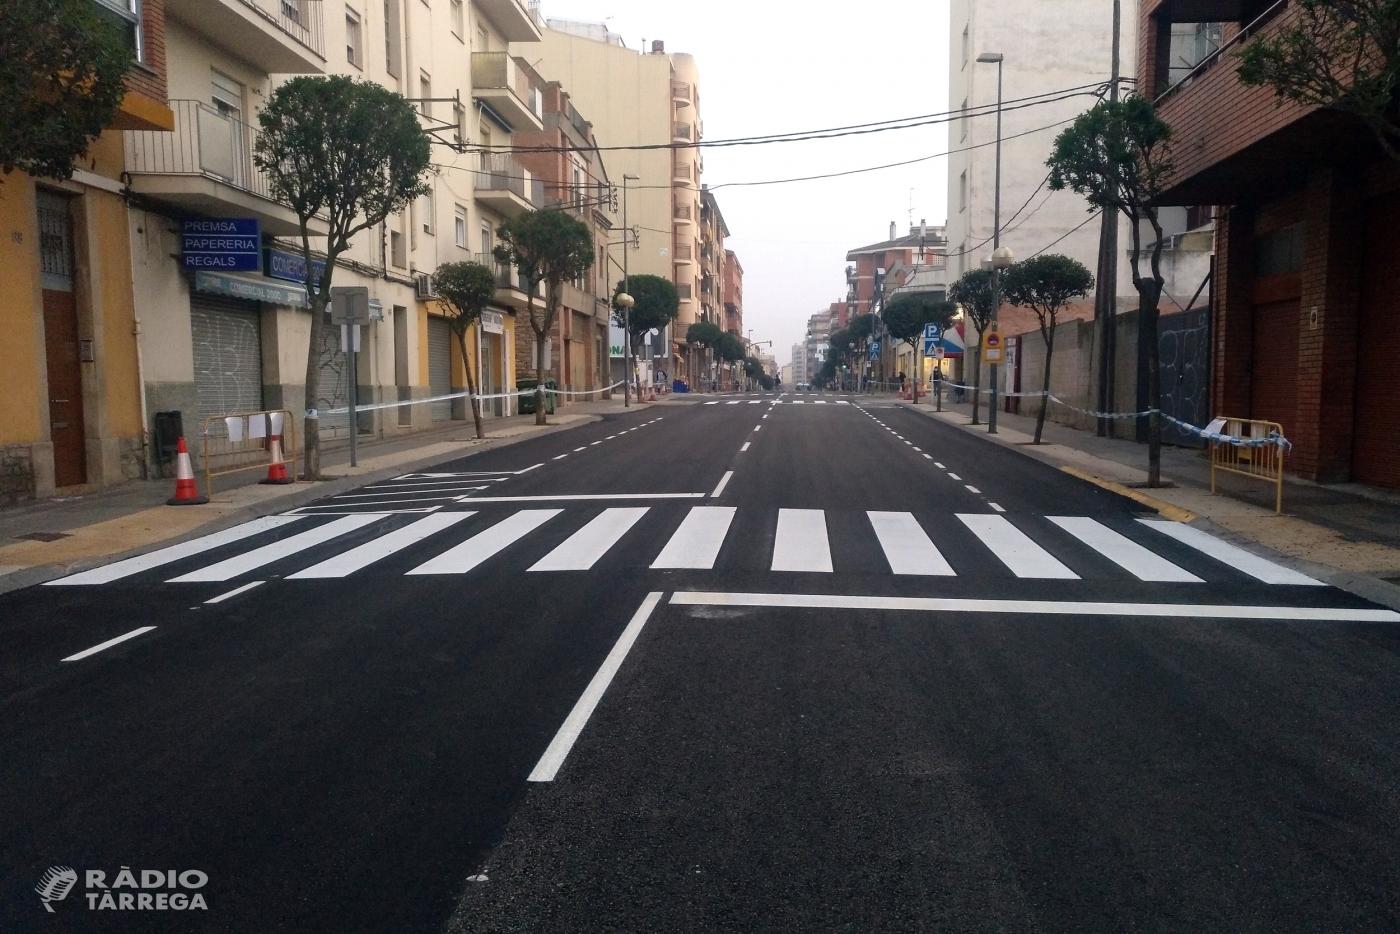 Avancen les obres de renovació del ferm de la C-14 i es reobre al trànsit el tram del carrer de Sant Pelegrí entre la plaça d'Andorra i la via fèrria